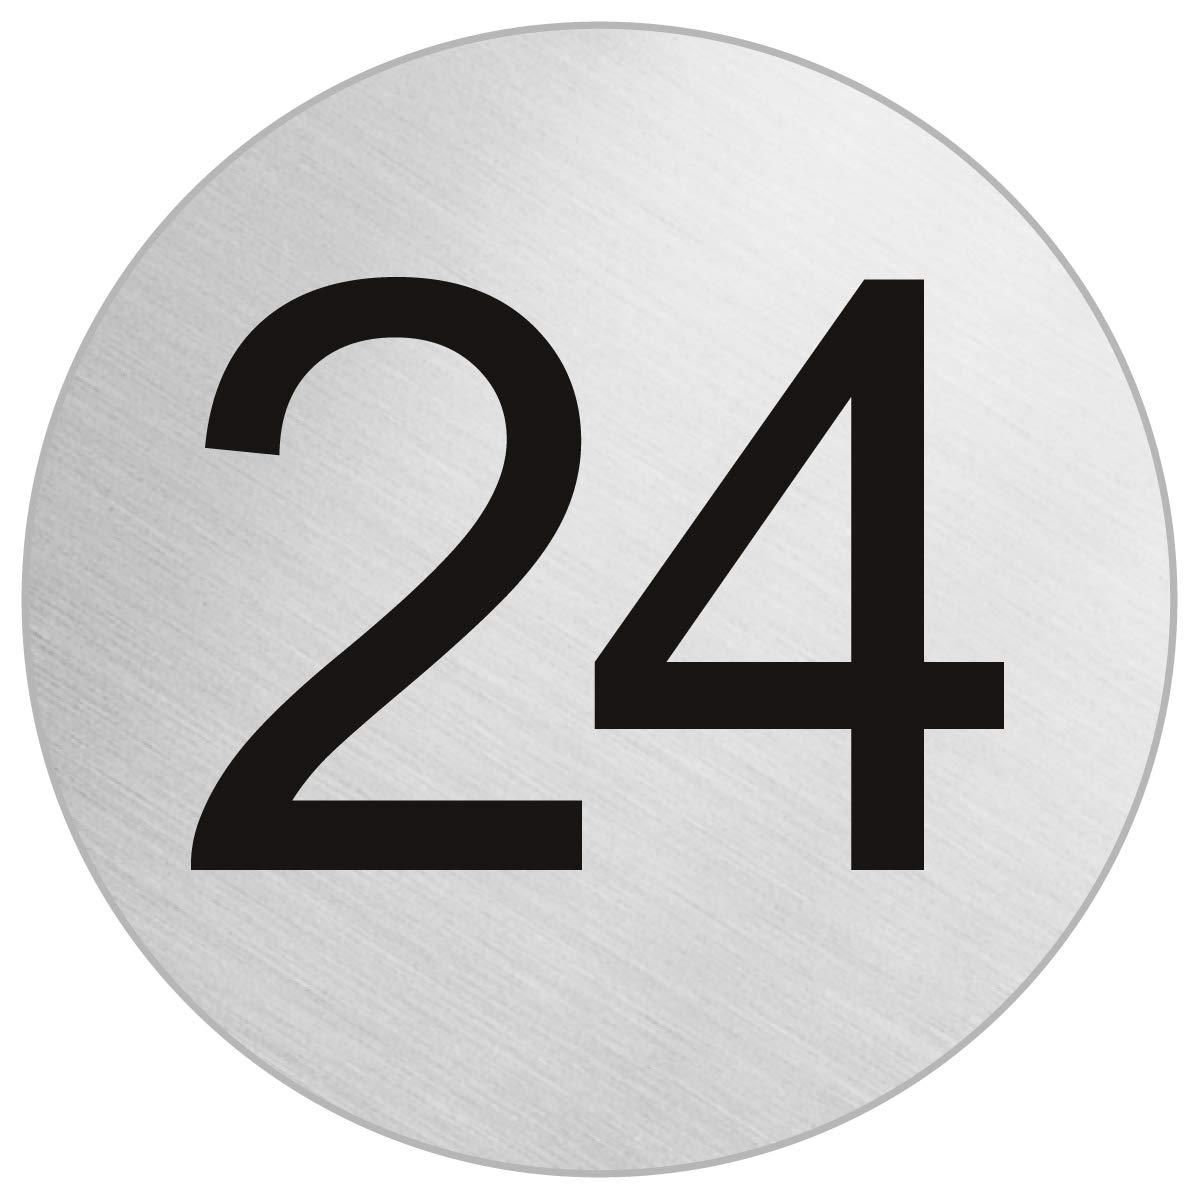 OFFORM Señal pictograma en acero inox Ø 75mm No.41014 'Número 24'